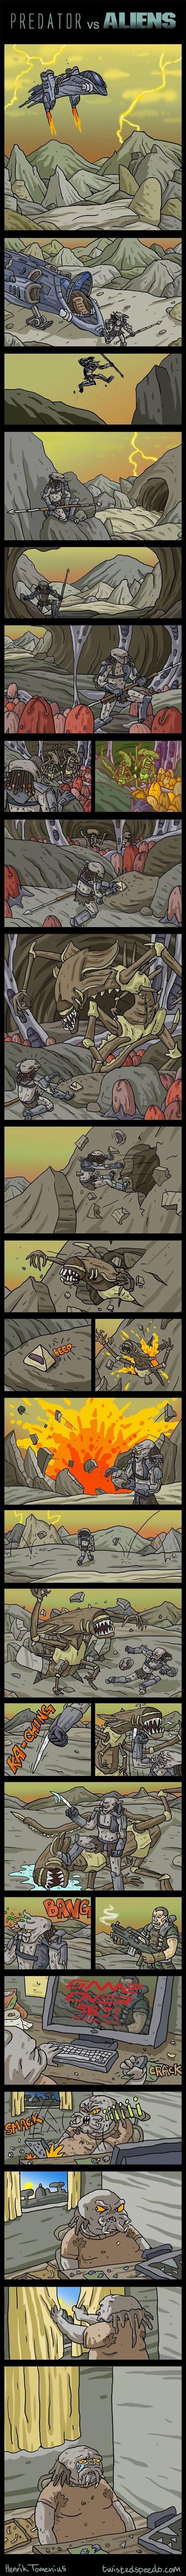 secuencia en vinetas de aliens vs predator con final inesperado